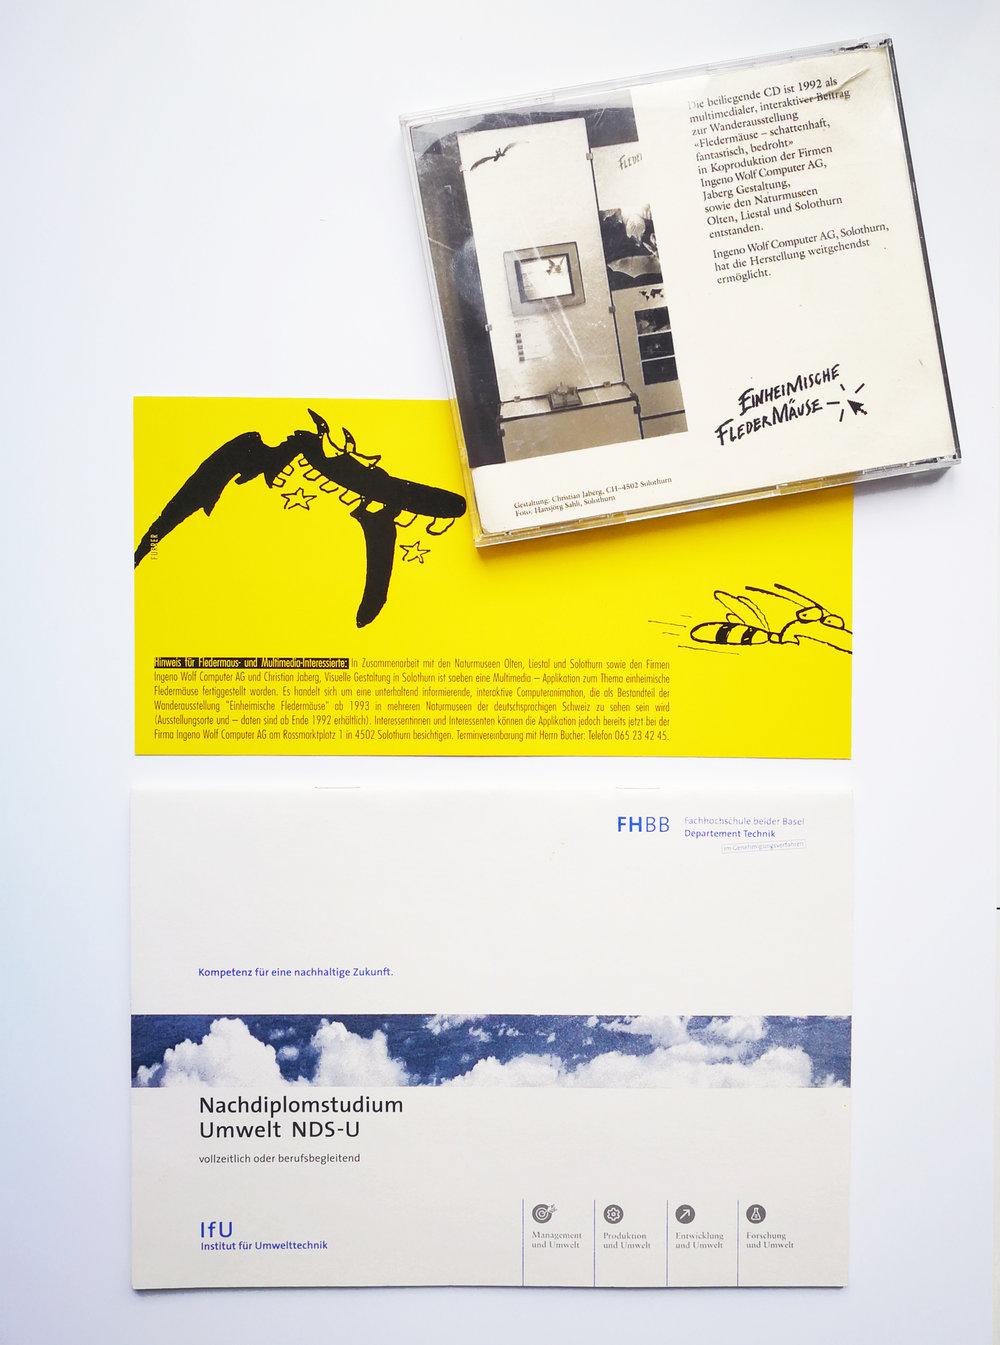 Wie es begann… - … mit dem Auftrag zur Gestaltung der Grafiken des ersten Umweltberichts des Kantons Solothurn 1991 für die Werbeagentur IBL. Einheimische Fledermäuse1993 folgte die erste HyperCard-basierte Multimedia-Applikation für die Wanderausstellung Einheimische Fledermäuse in Zusammenarbeit mit Wolf Computer und dem damaligen kantonalen Verantwortlichen Dr. Peter Flückiger.Ein attraktiv eingepackter Apple Macintosh II mit Trackball erlaubte ein Blättern durch die diversen einheimischen Arten.Carbotech, NDS-UAuf der Suche nach einem neuen Büro 1993 mieteten wir (Christian Jaberg und Christa Jeker) eher zufällig mit Dr. Heinz Leuenberger und Dr. Thomas Heim, Carbotech AG, ein Büro an der Gurzelngasse in Solothurn. Damals lancierten die beiden Umweltfachleute das Nachdiplomstudium Umwelt in Muttenz. Wir durften grafisch an diesem und anderen Projekten Gesicht gebend mitarbeiten. DEZA, Info-LinkReisen folgten und 2002 eine neue Bürogemenschaft mit Jürg Bohnenblust, Akteur in den Bereichen Humanitäre Hilfe, Entwicklungszusammenarbeit, Sicherheits-, Migrations-, Menschenrechtspolitik sowie Transition und Friedensförderung im In- und Ausland. Als Konsulent der DEZA beauftragte er uns mit der Gestaltung von mehrsprachigen Broschüren, Infografiken, Präsentationen, Ausstellungen u.a.m. Sustainability und Climate Change waren in der Entwicklungshilfe früh thematisiert.GLOBE Schweiz2004 lernten wir anlässlich des Redesigns des Auftrittes der PH Solothurn Juliette Vogel kennen, die gerade die Leitung von GLOBE Schweiz übernommen hatte. Die Zusammenarbeit begann mit der Gestaltung und Programmierung von Word-Templates für Broschüren und Grafiken. Dann folgten webbasierte Templates und die Gestaltung der Logos u.a. der Umweltbildungsprogramme LERNfeld und PhaenoNet. Die Zusammenarbeit hält bis heute an. Das neue Projekt sind die Storchenforscher*innen, ein Umwelbildungsangebot für die Primarstufe und webbasiert die Sekundarstufe 1.